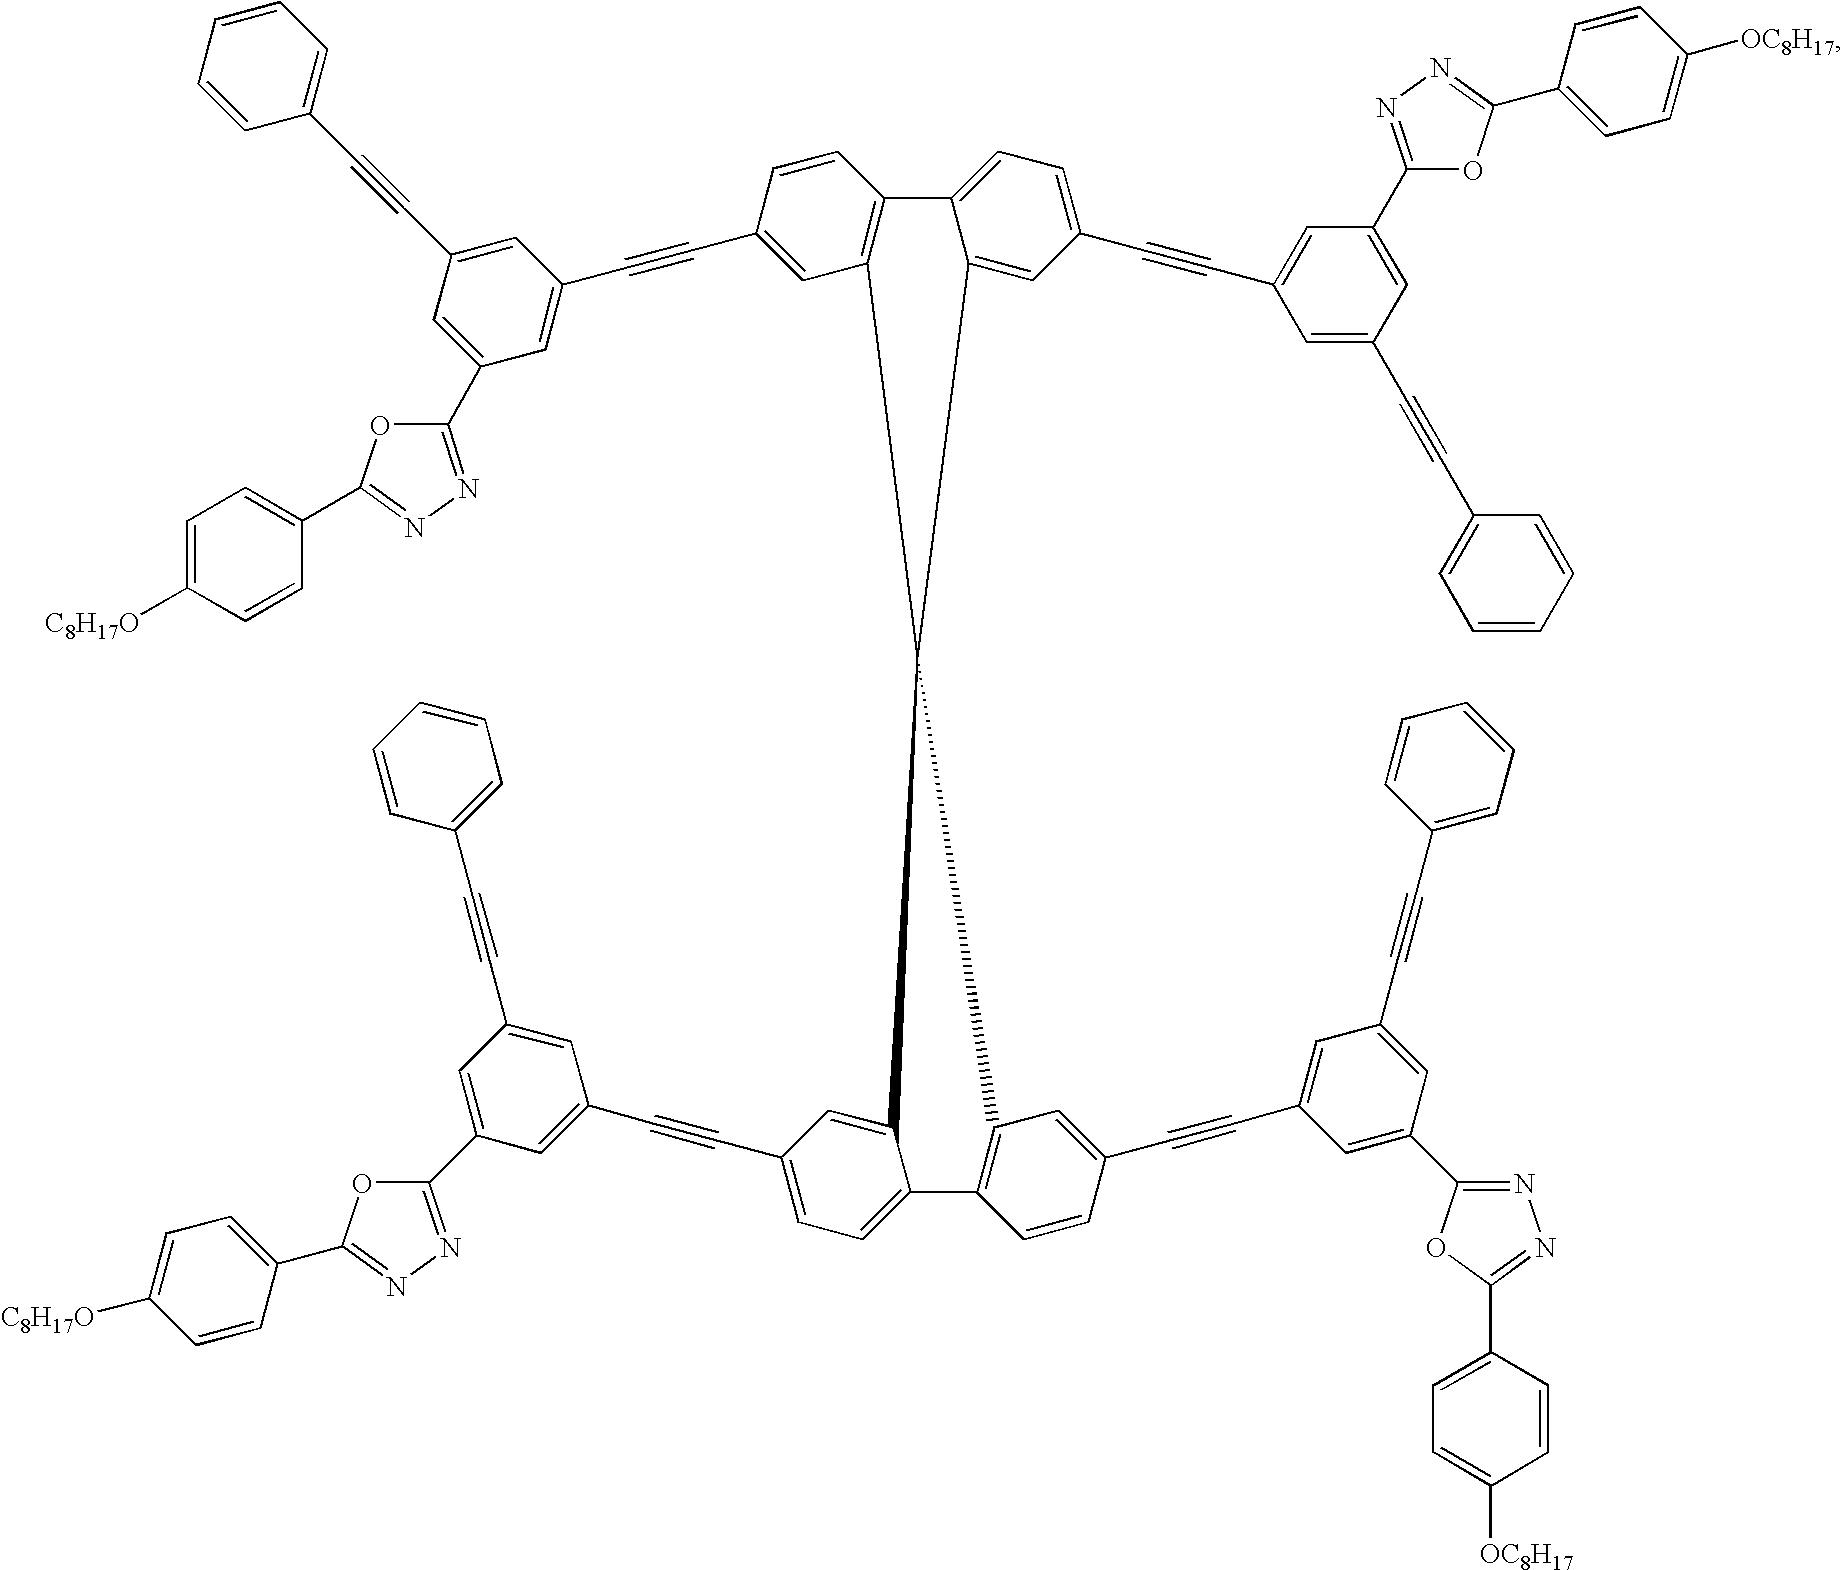 Figure US07192657-20070320-C00098